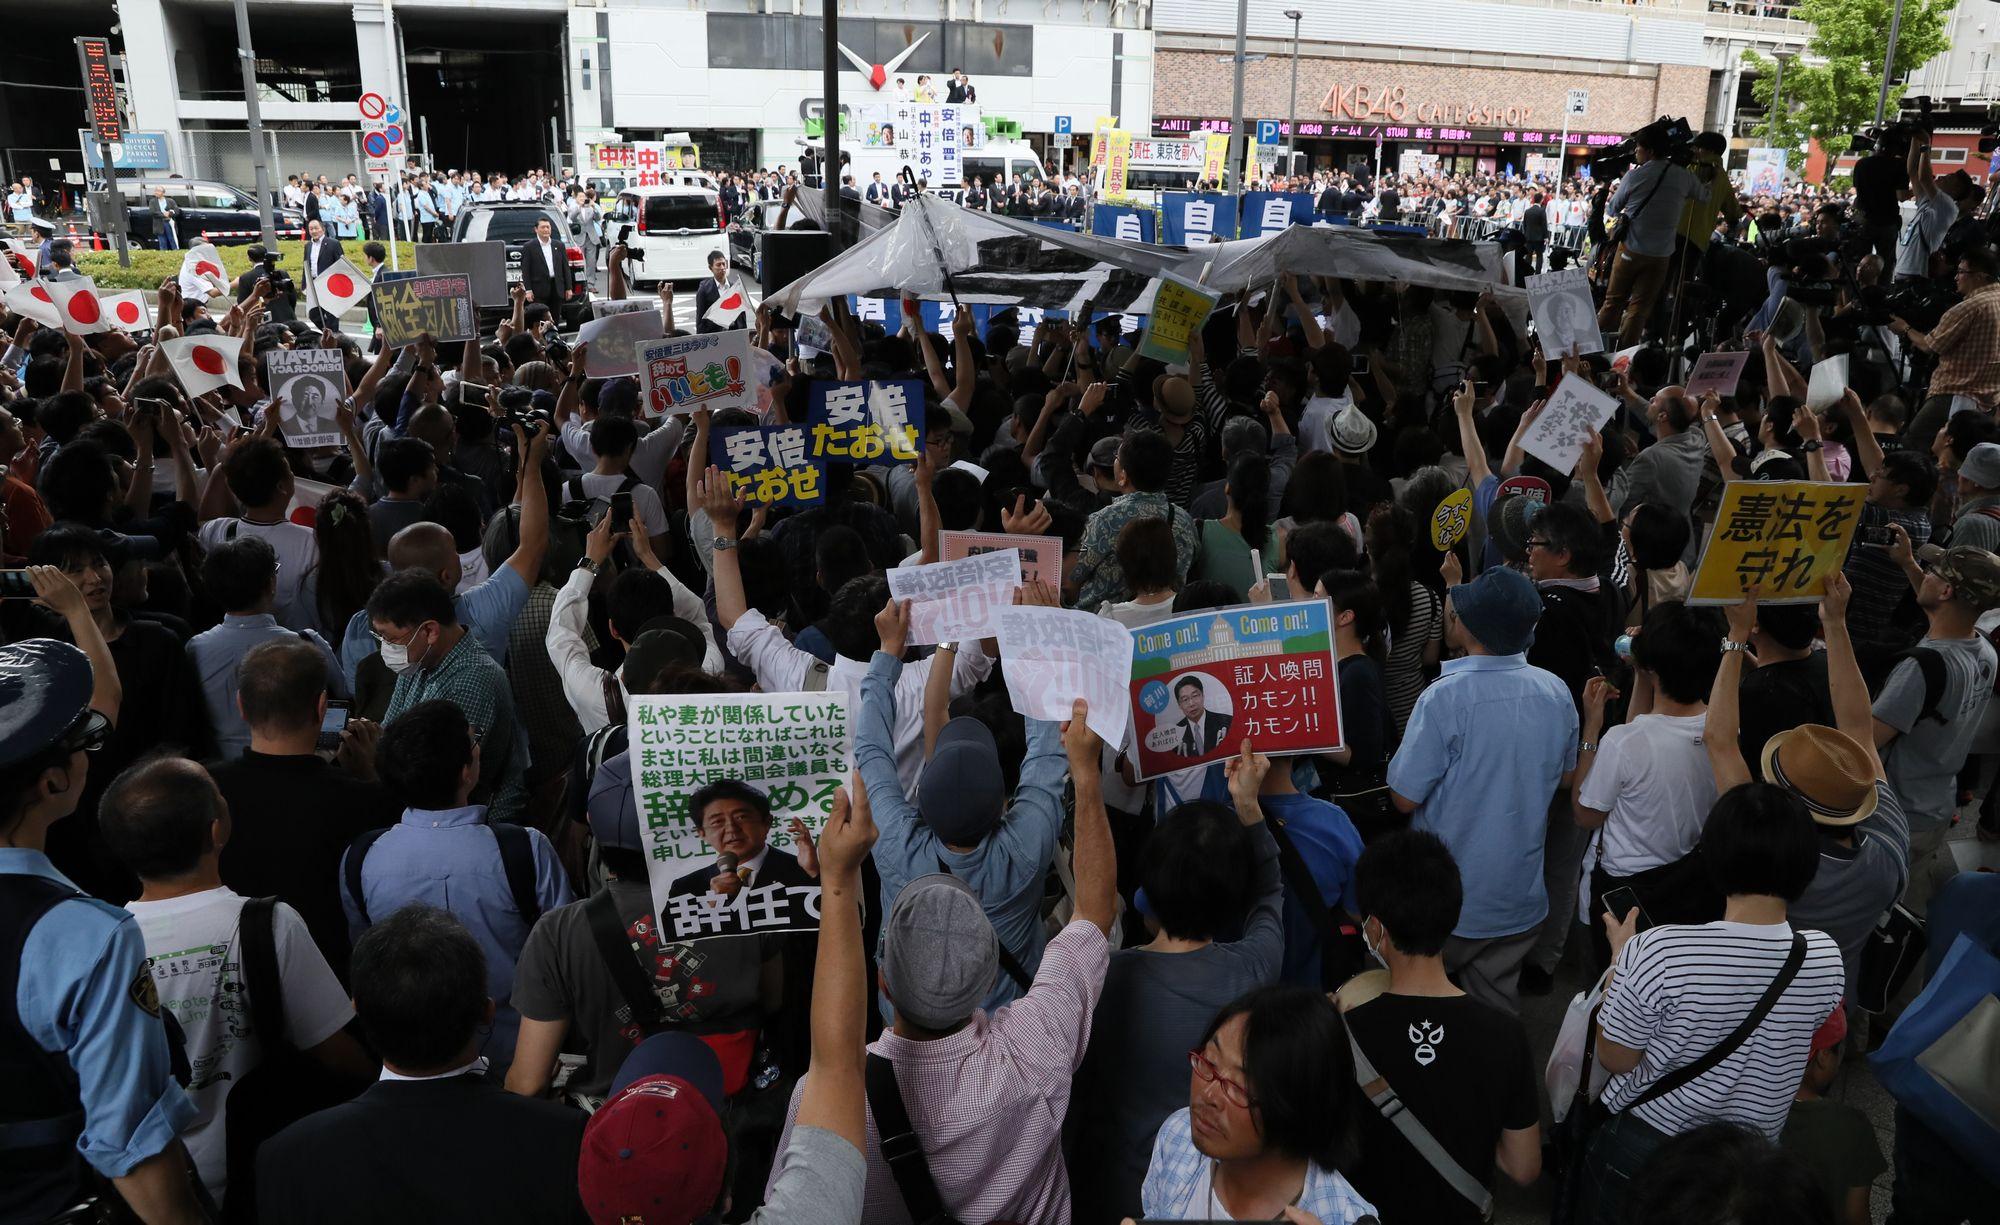 都議選での安倍晋三首相の街頭演説にプラカードを掲げて抗議する人たち=7月1日、東京都千代田区  </Kiji>